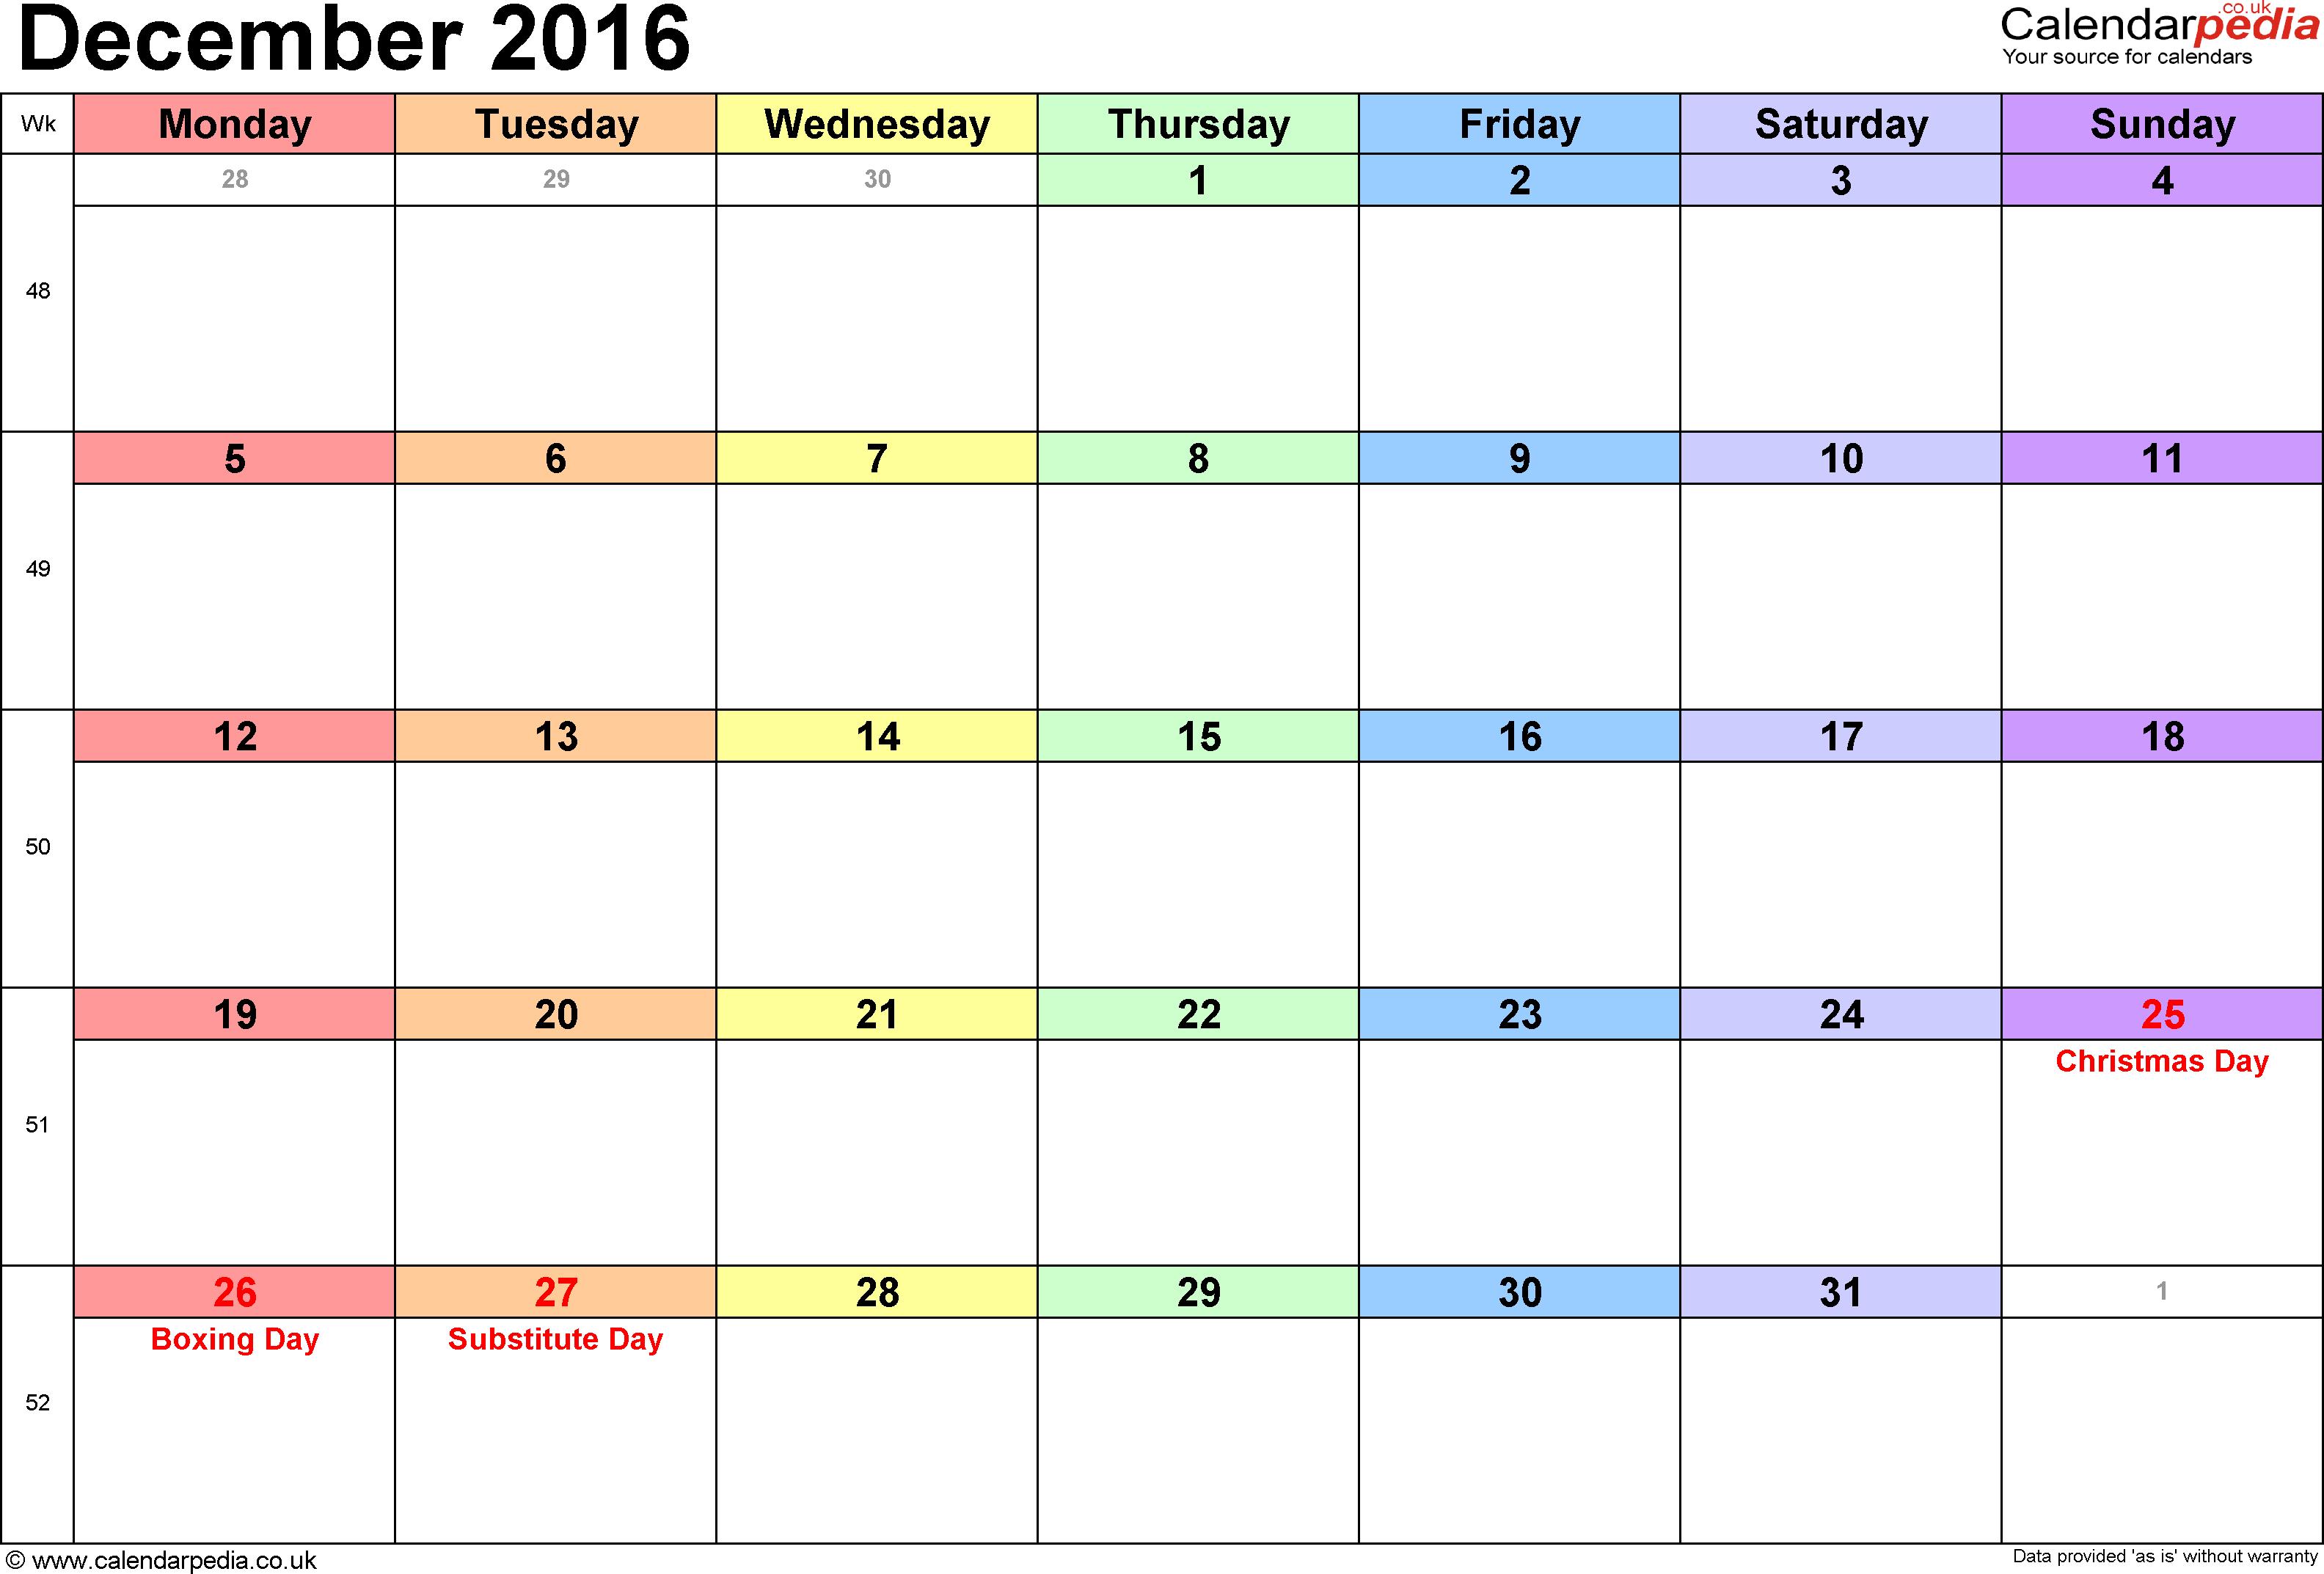 December calendar 2016 png transparent download Calendar December 2016 UK, Bank Holidays, Excel/PDF/Word Templates png transparent download